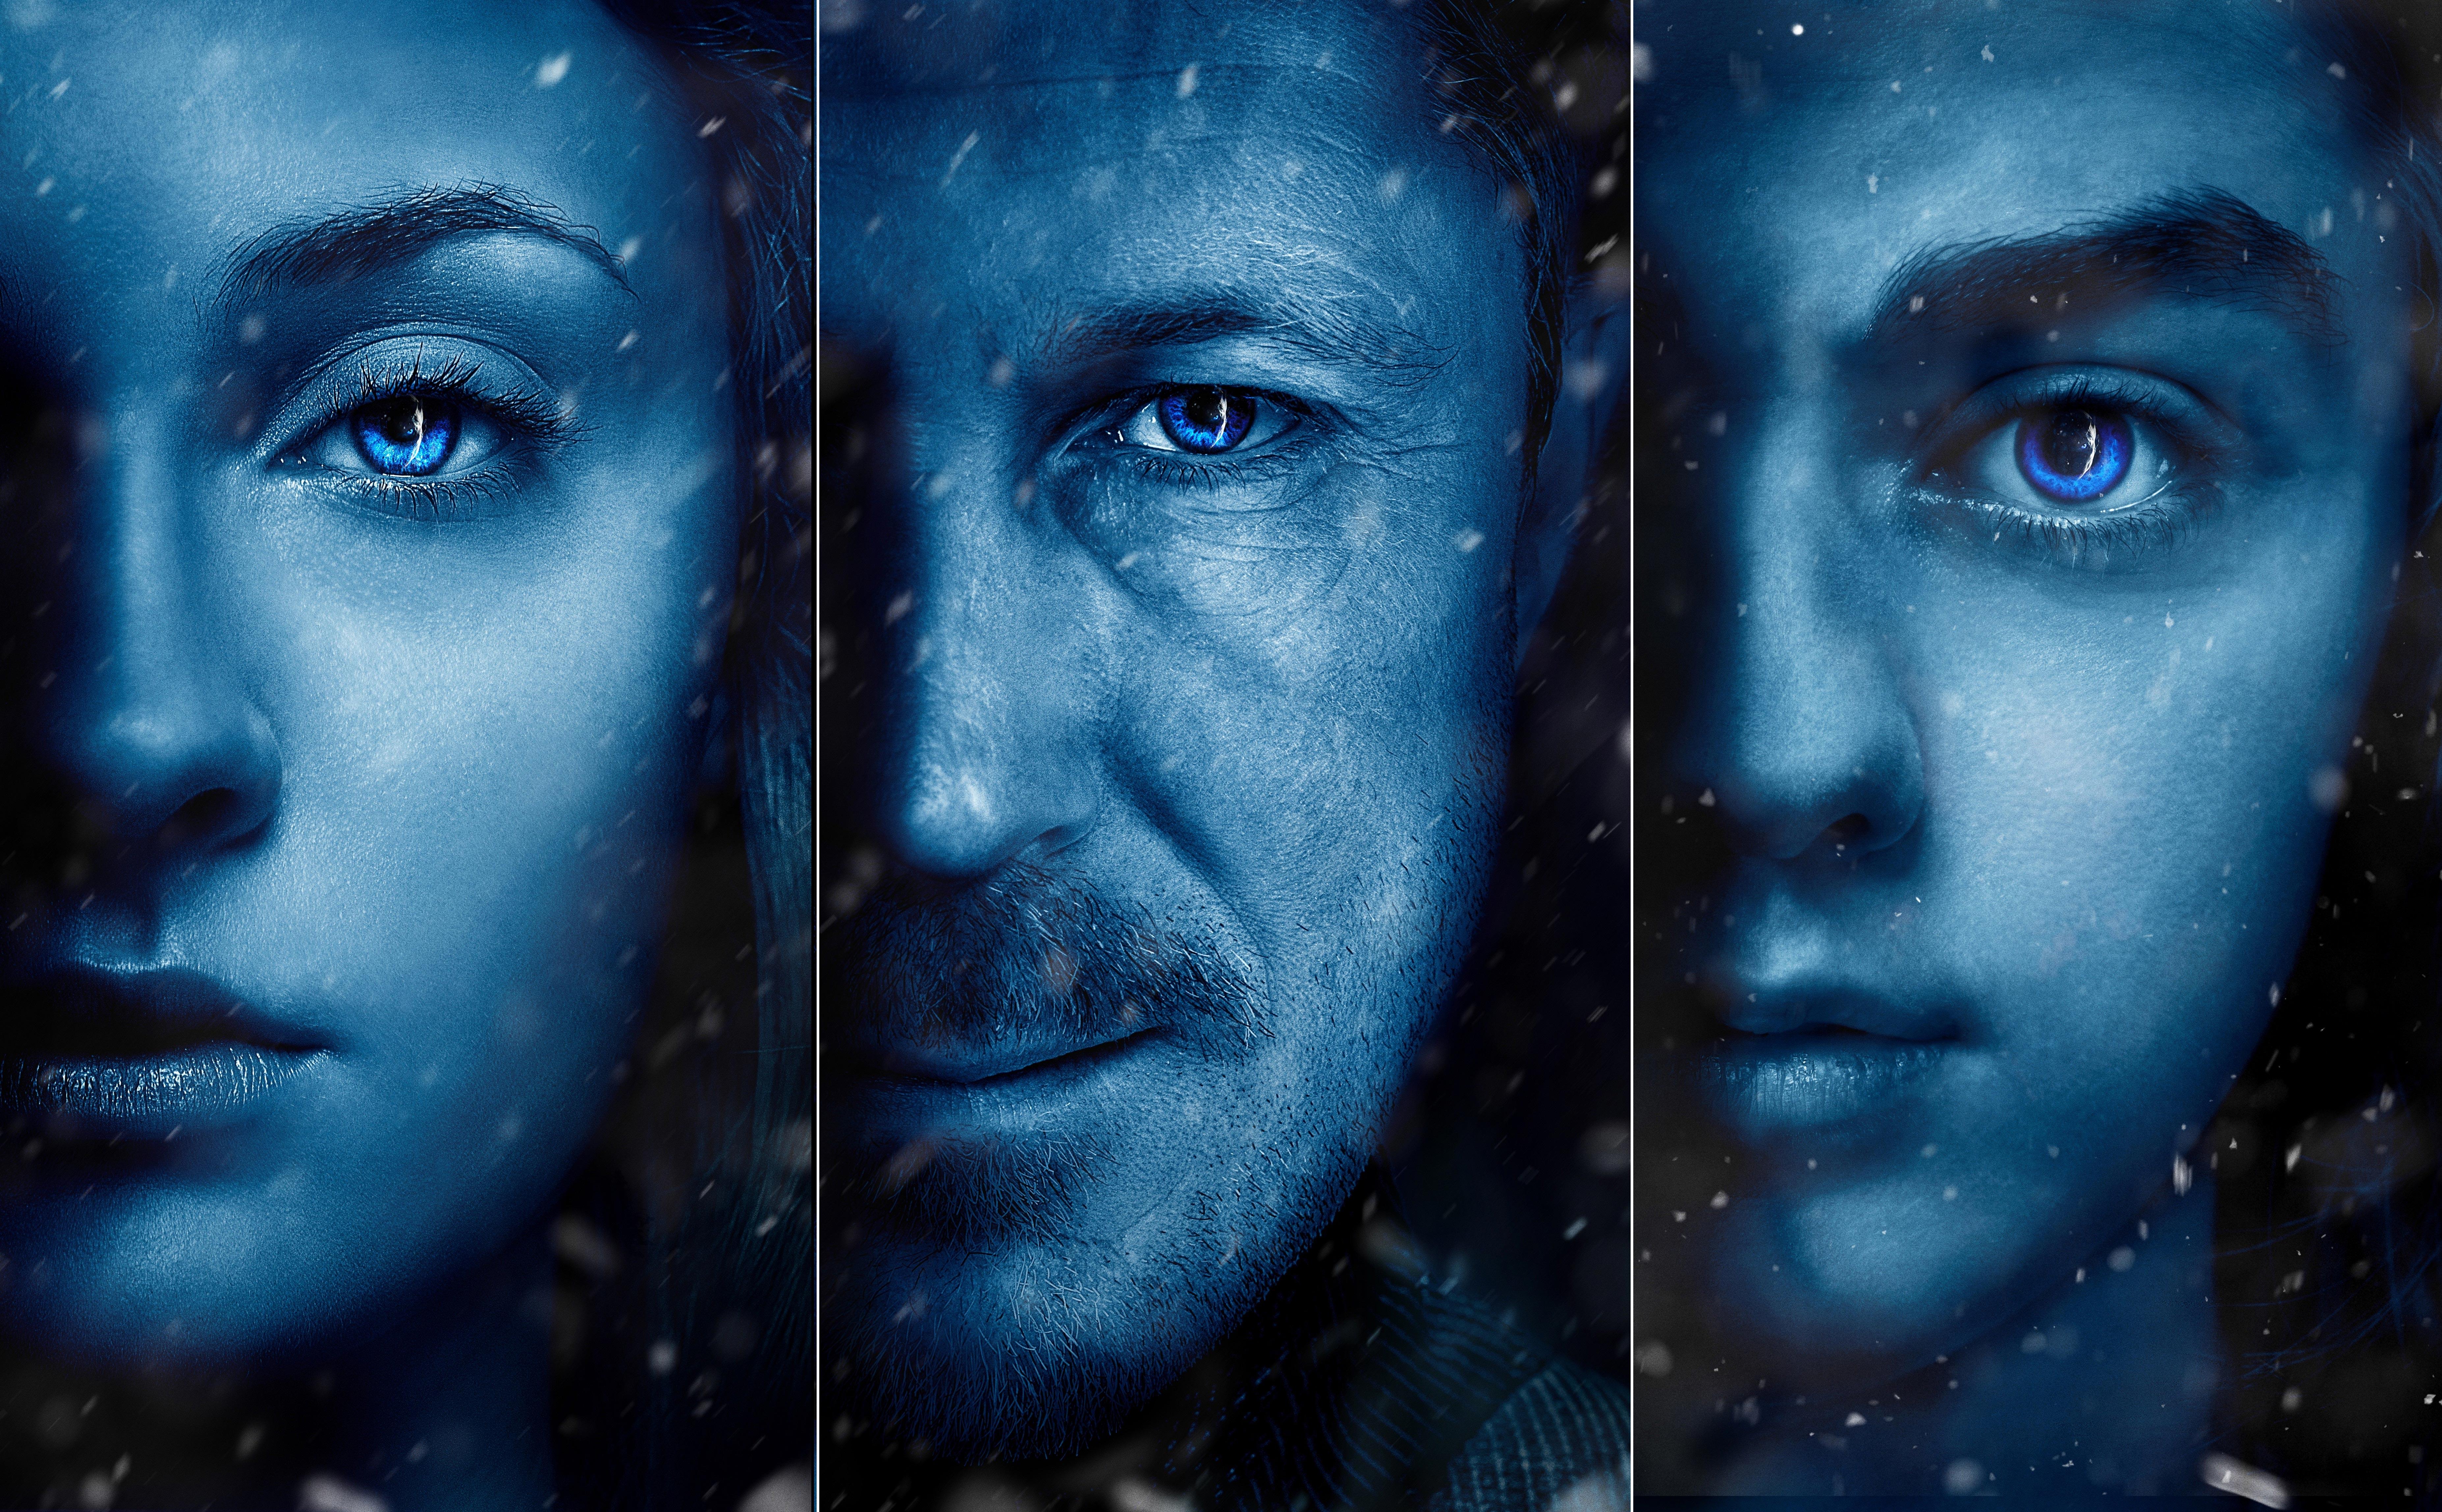 4096x3072 Arya Stark Sansa Stark Petyr